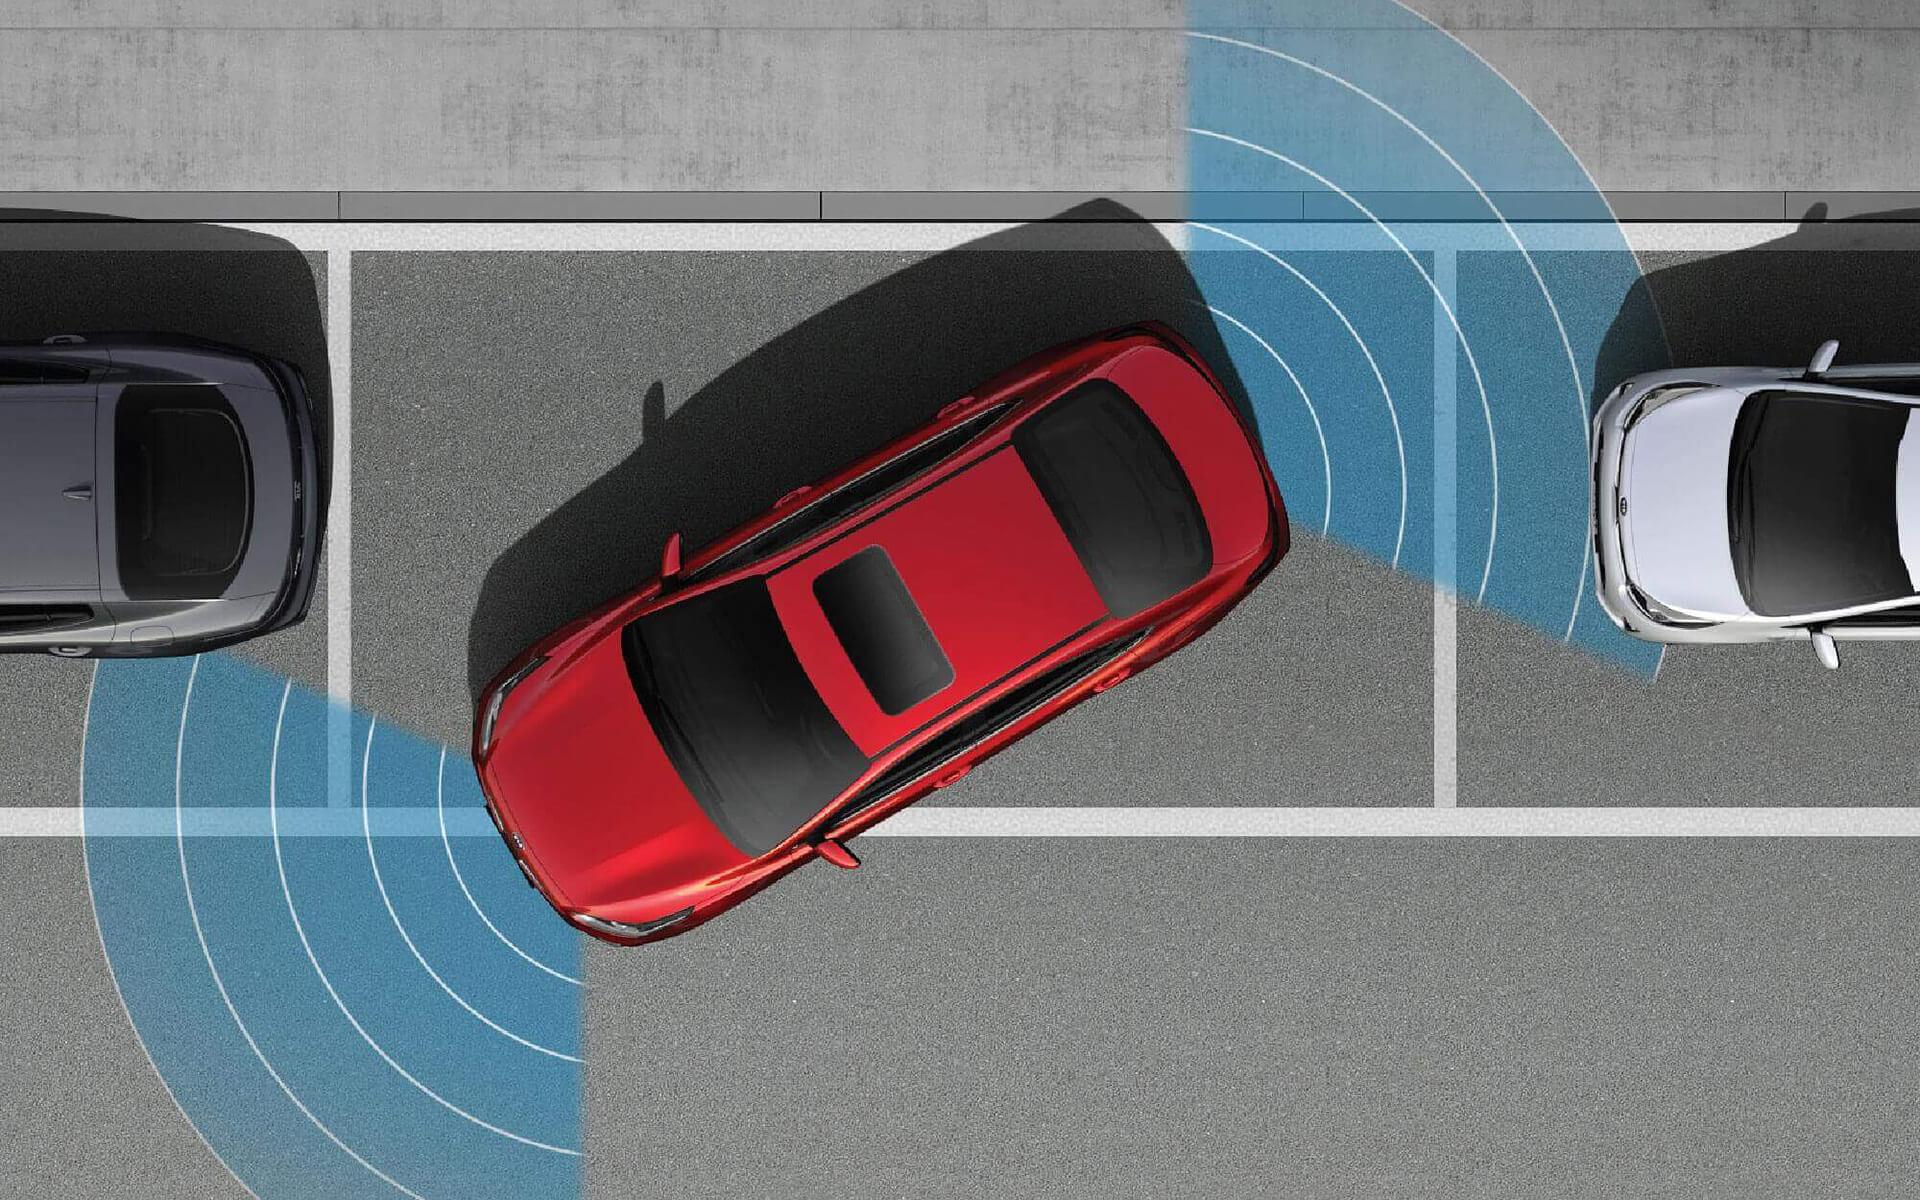 Cảm biến hỗ trợ đỗ xe trước sau